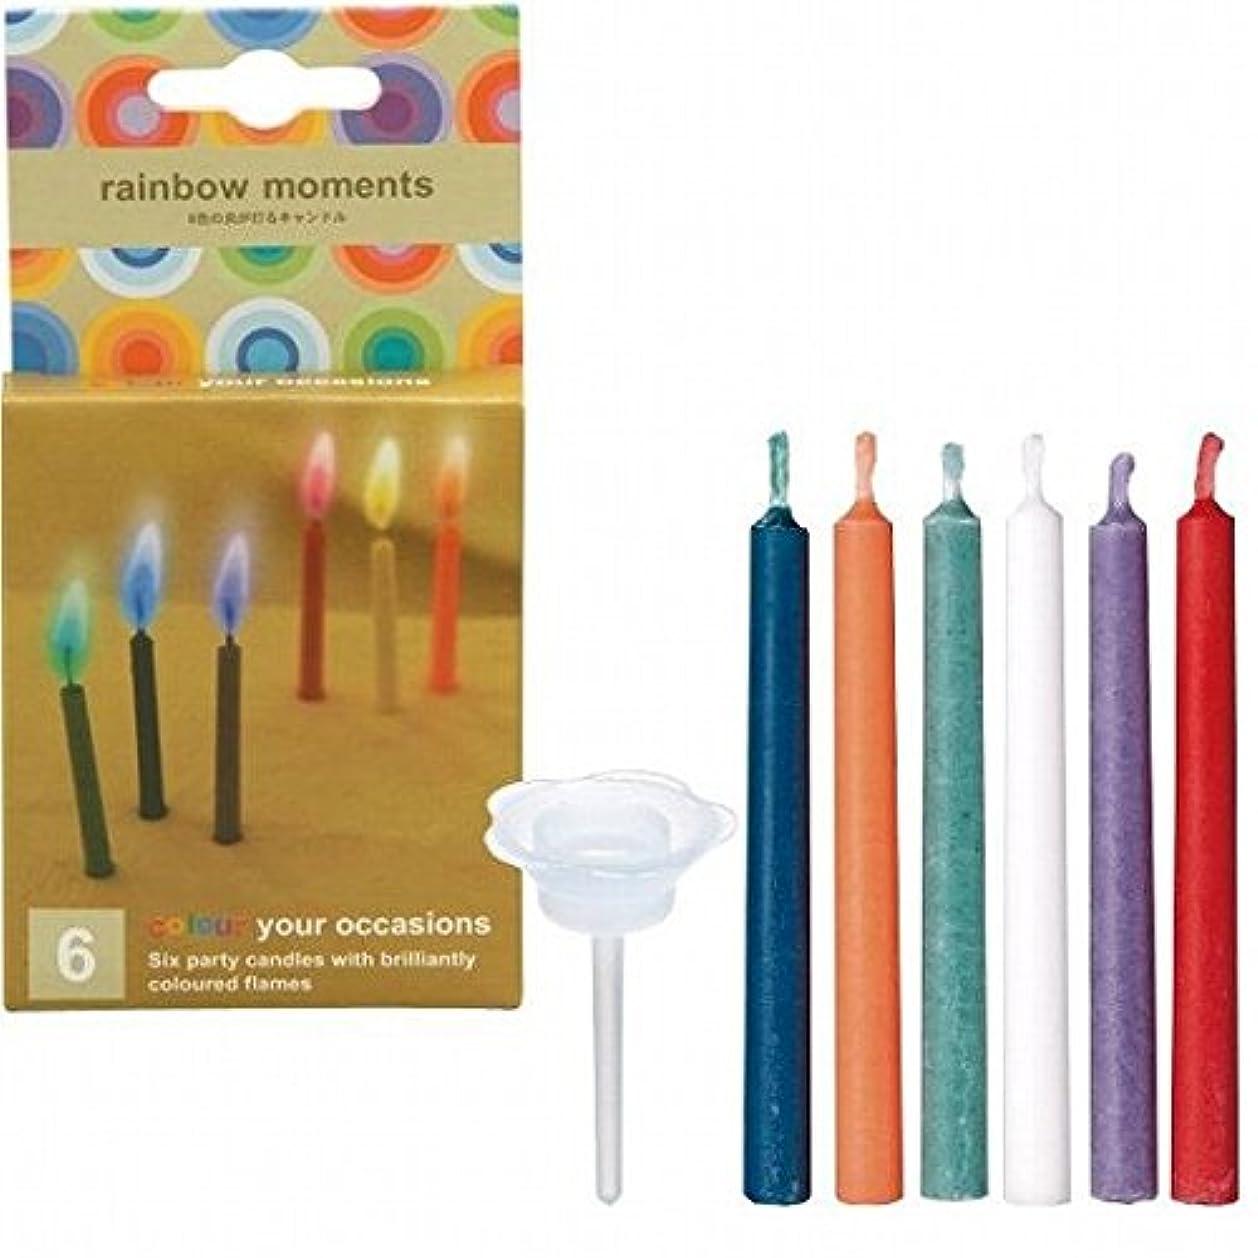 永遠にレッドデートオールkameyama candle(カメヤマキャンドル) rainbowmoments(レインボーモーメント)6色6本入り 「 6本入り 」 キャンドル(56050000)